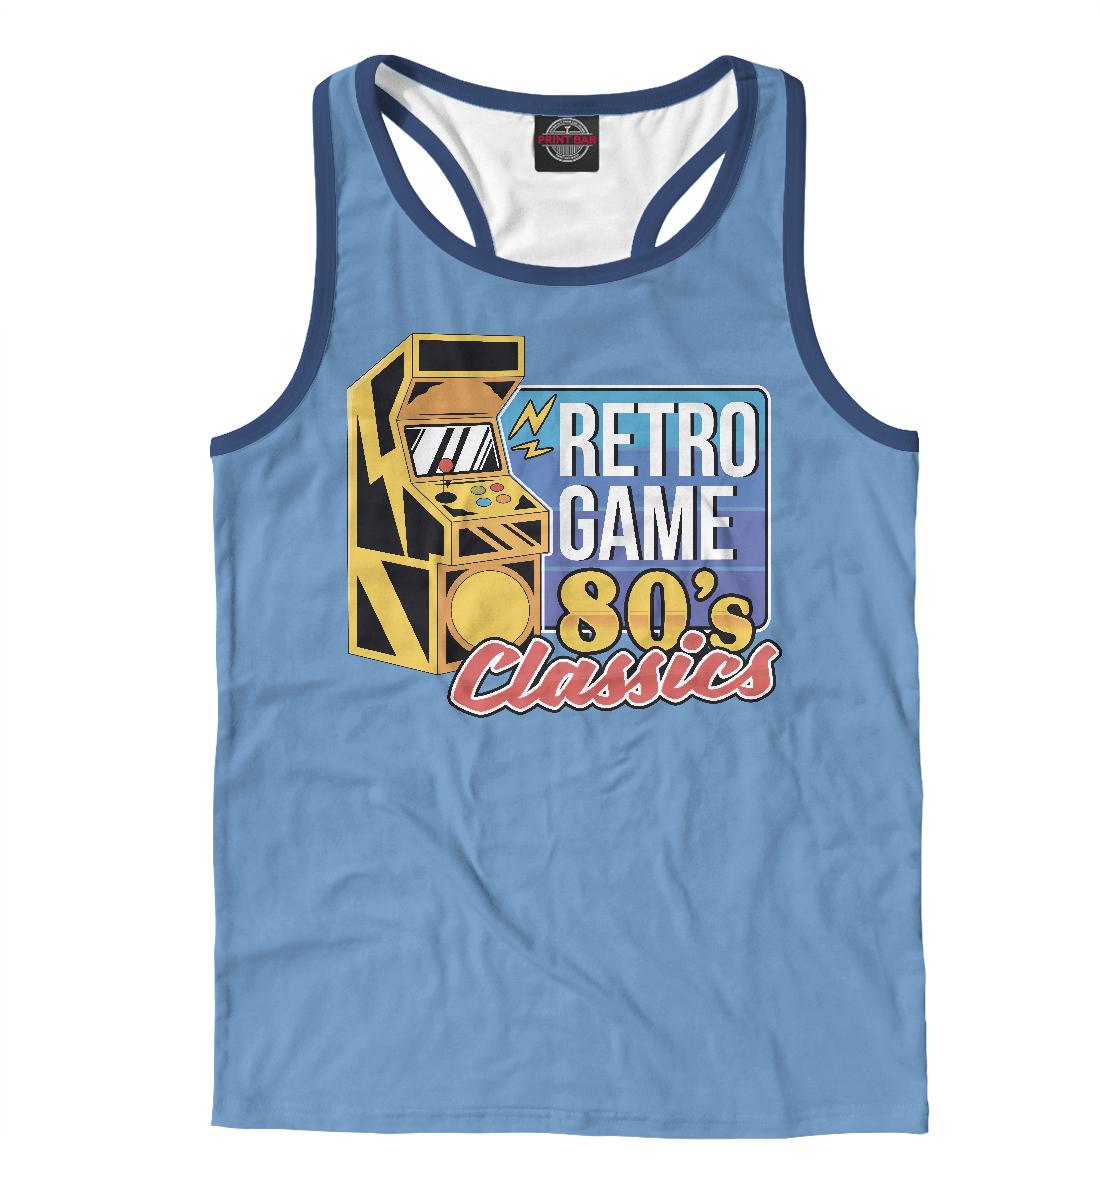 Retro game 80s classics